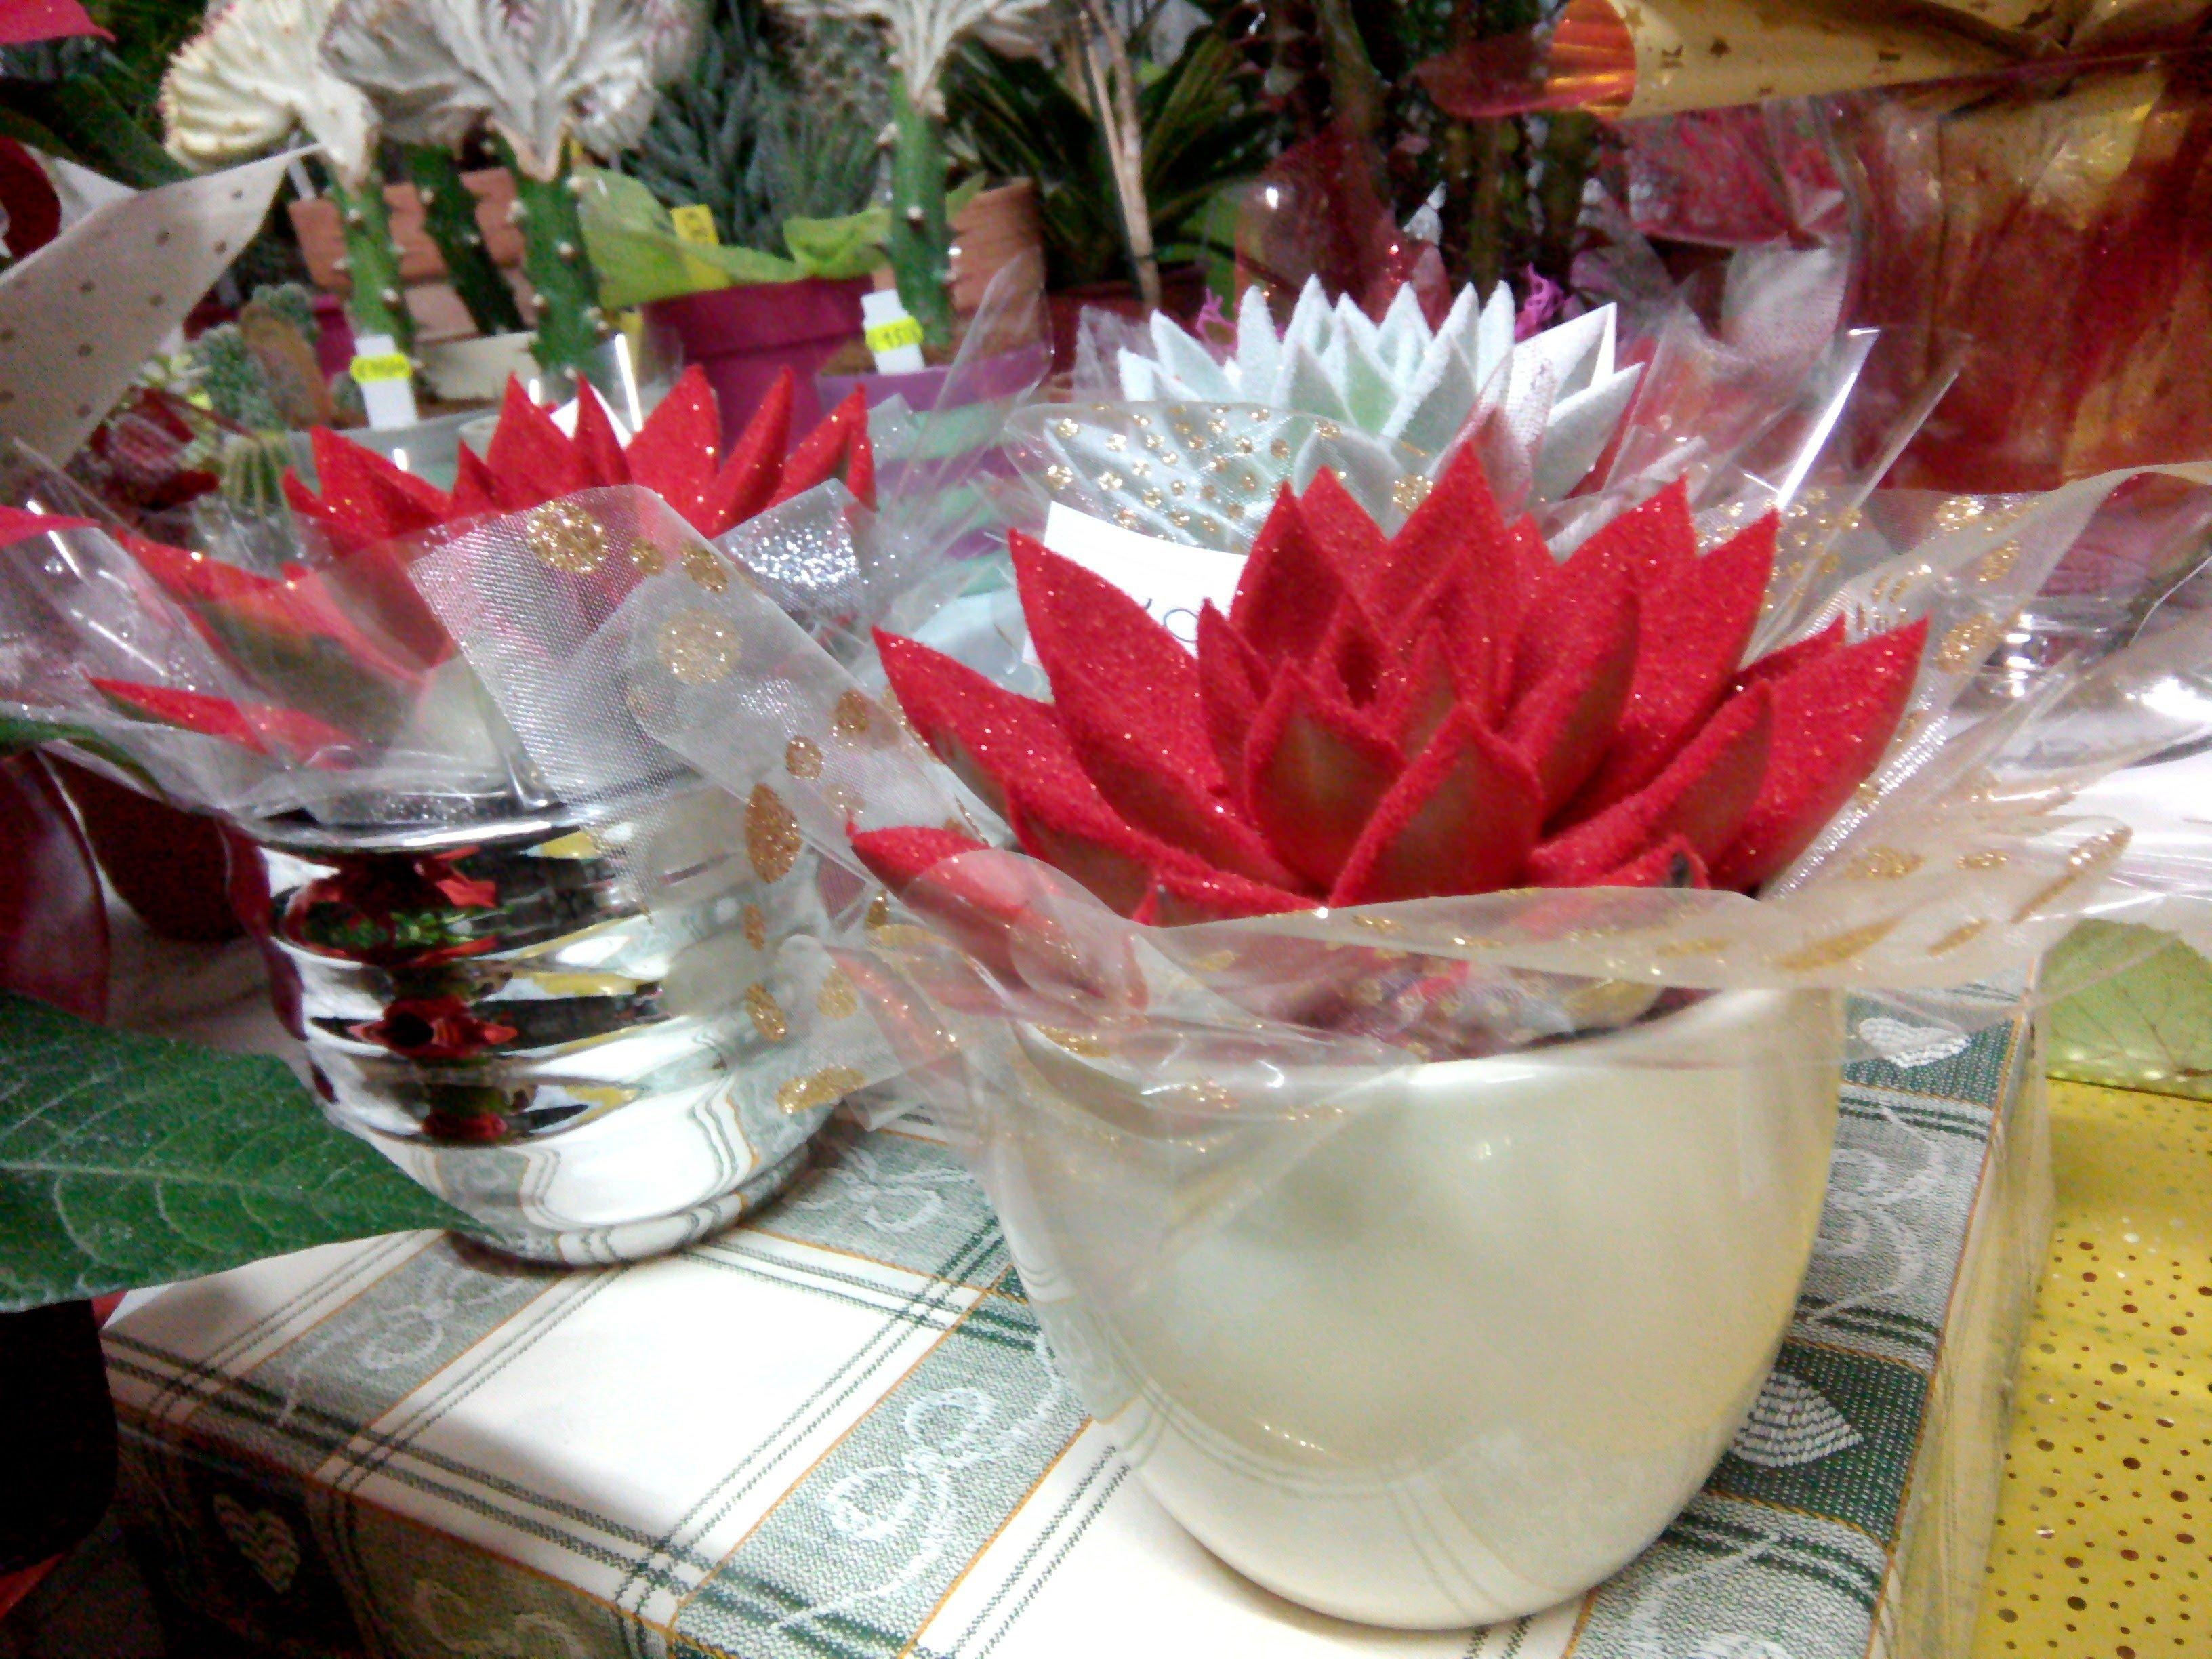 fiori rossi in un vaso bianco